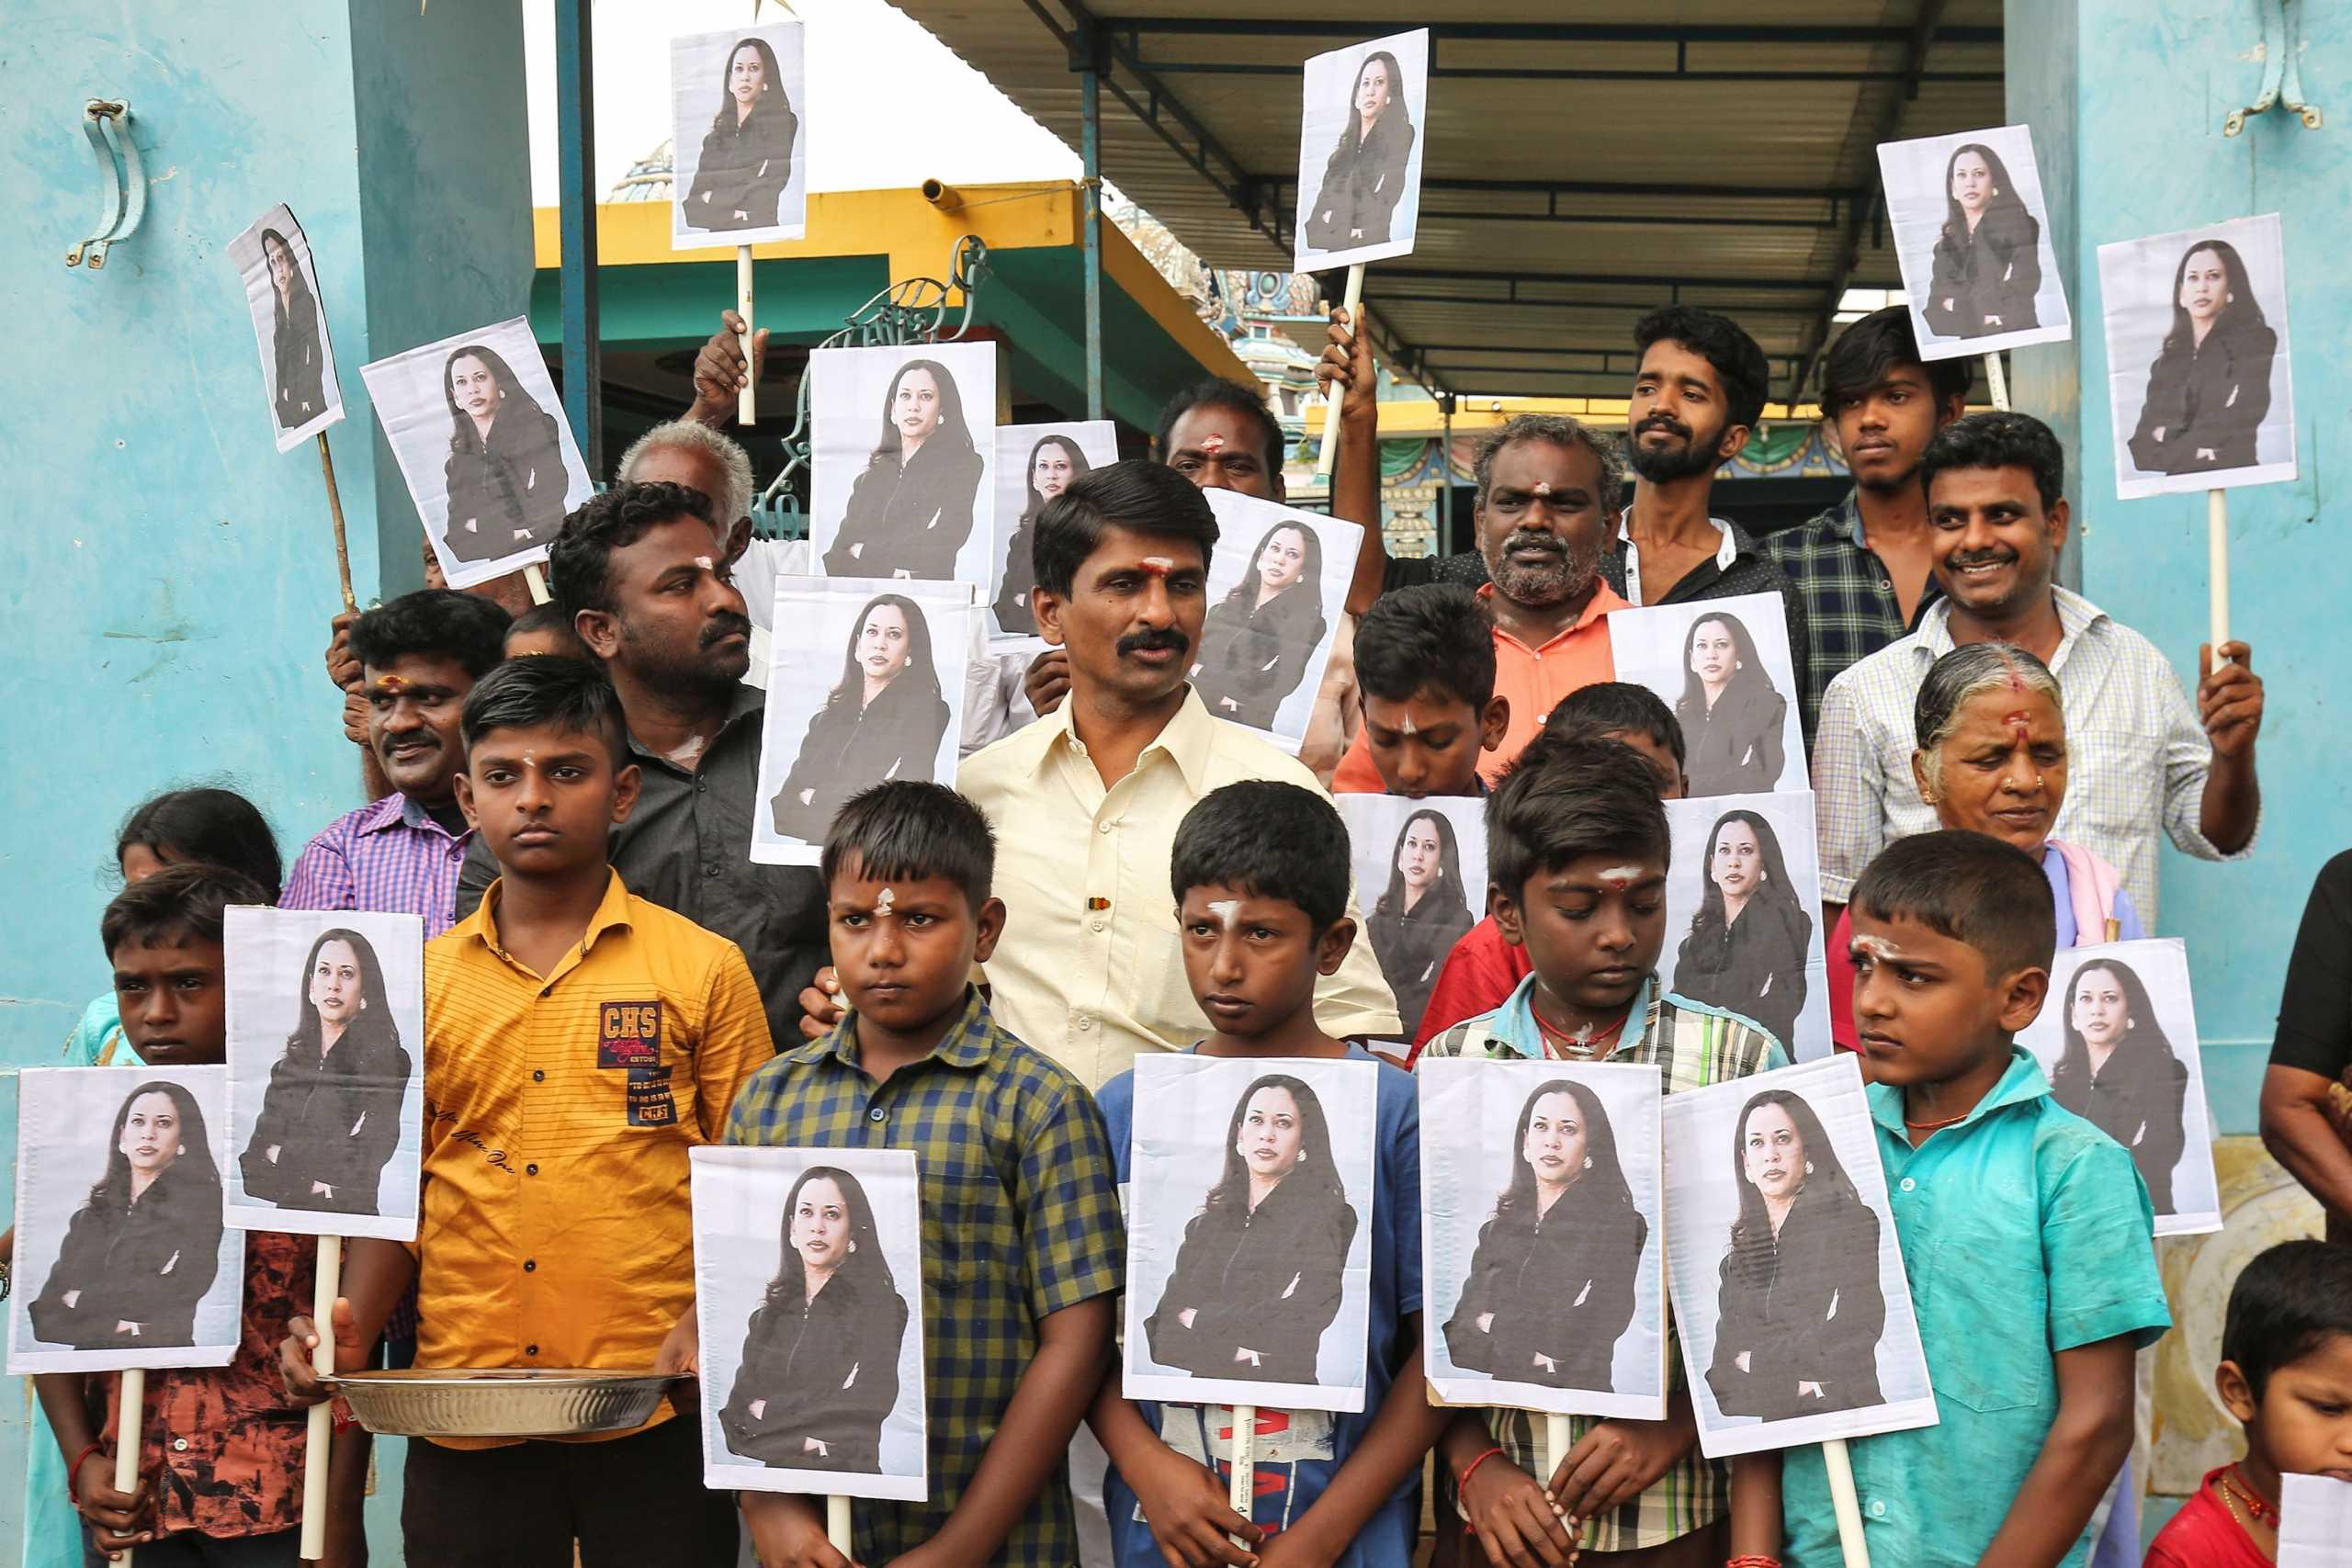 Ορκωμοσία ΗΠΑ: Το χωριό στην Ινδία που καμαρώνει για την Κάμαλα Χάρις